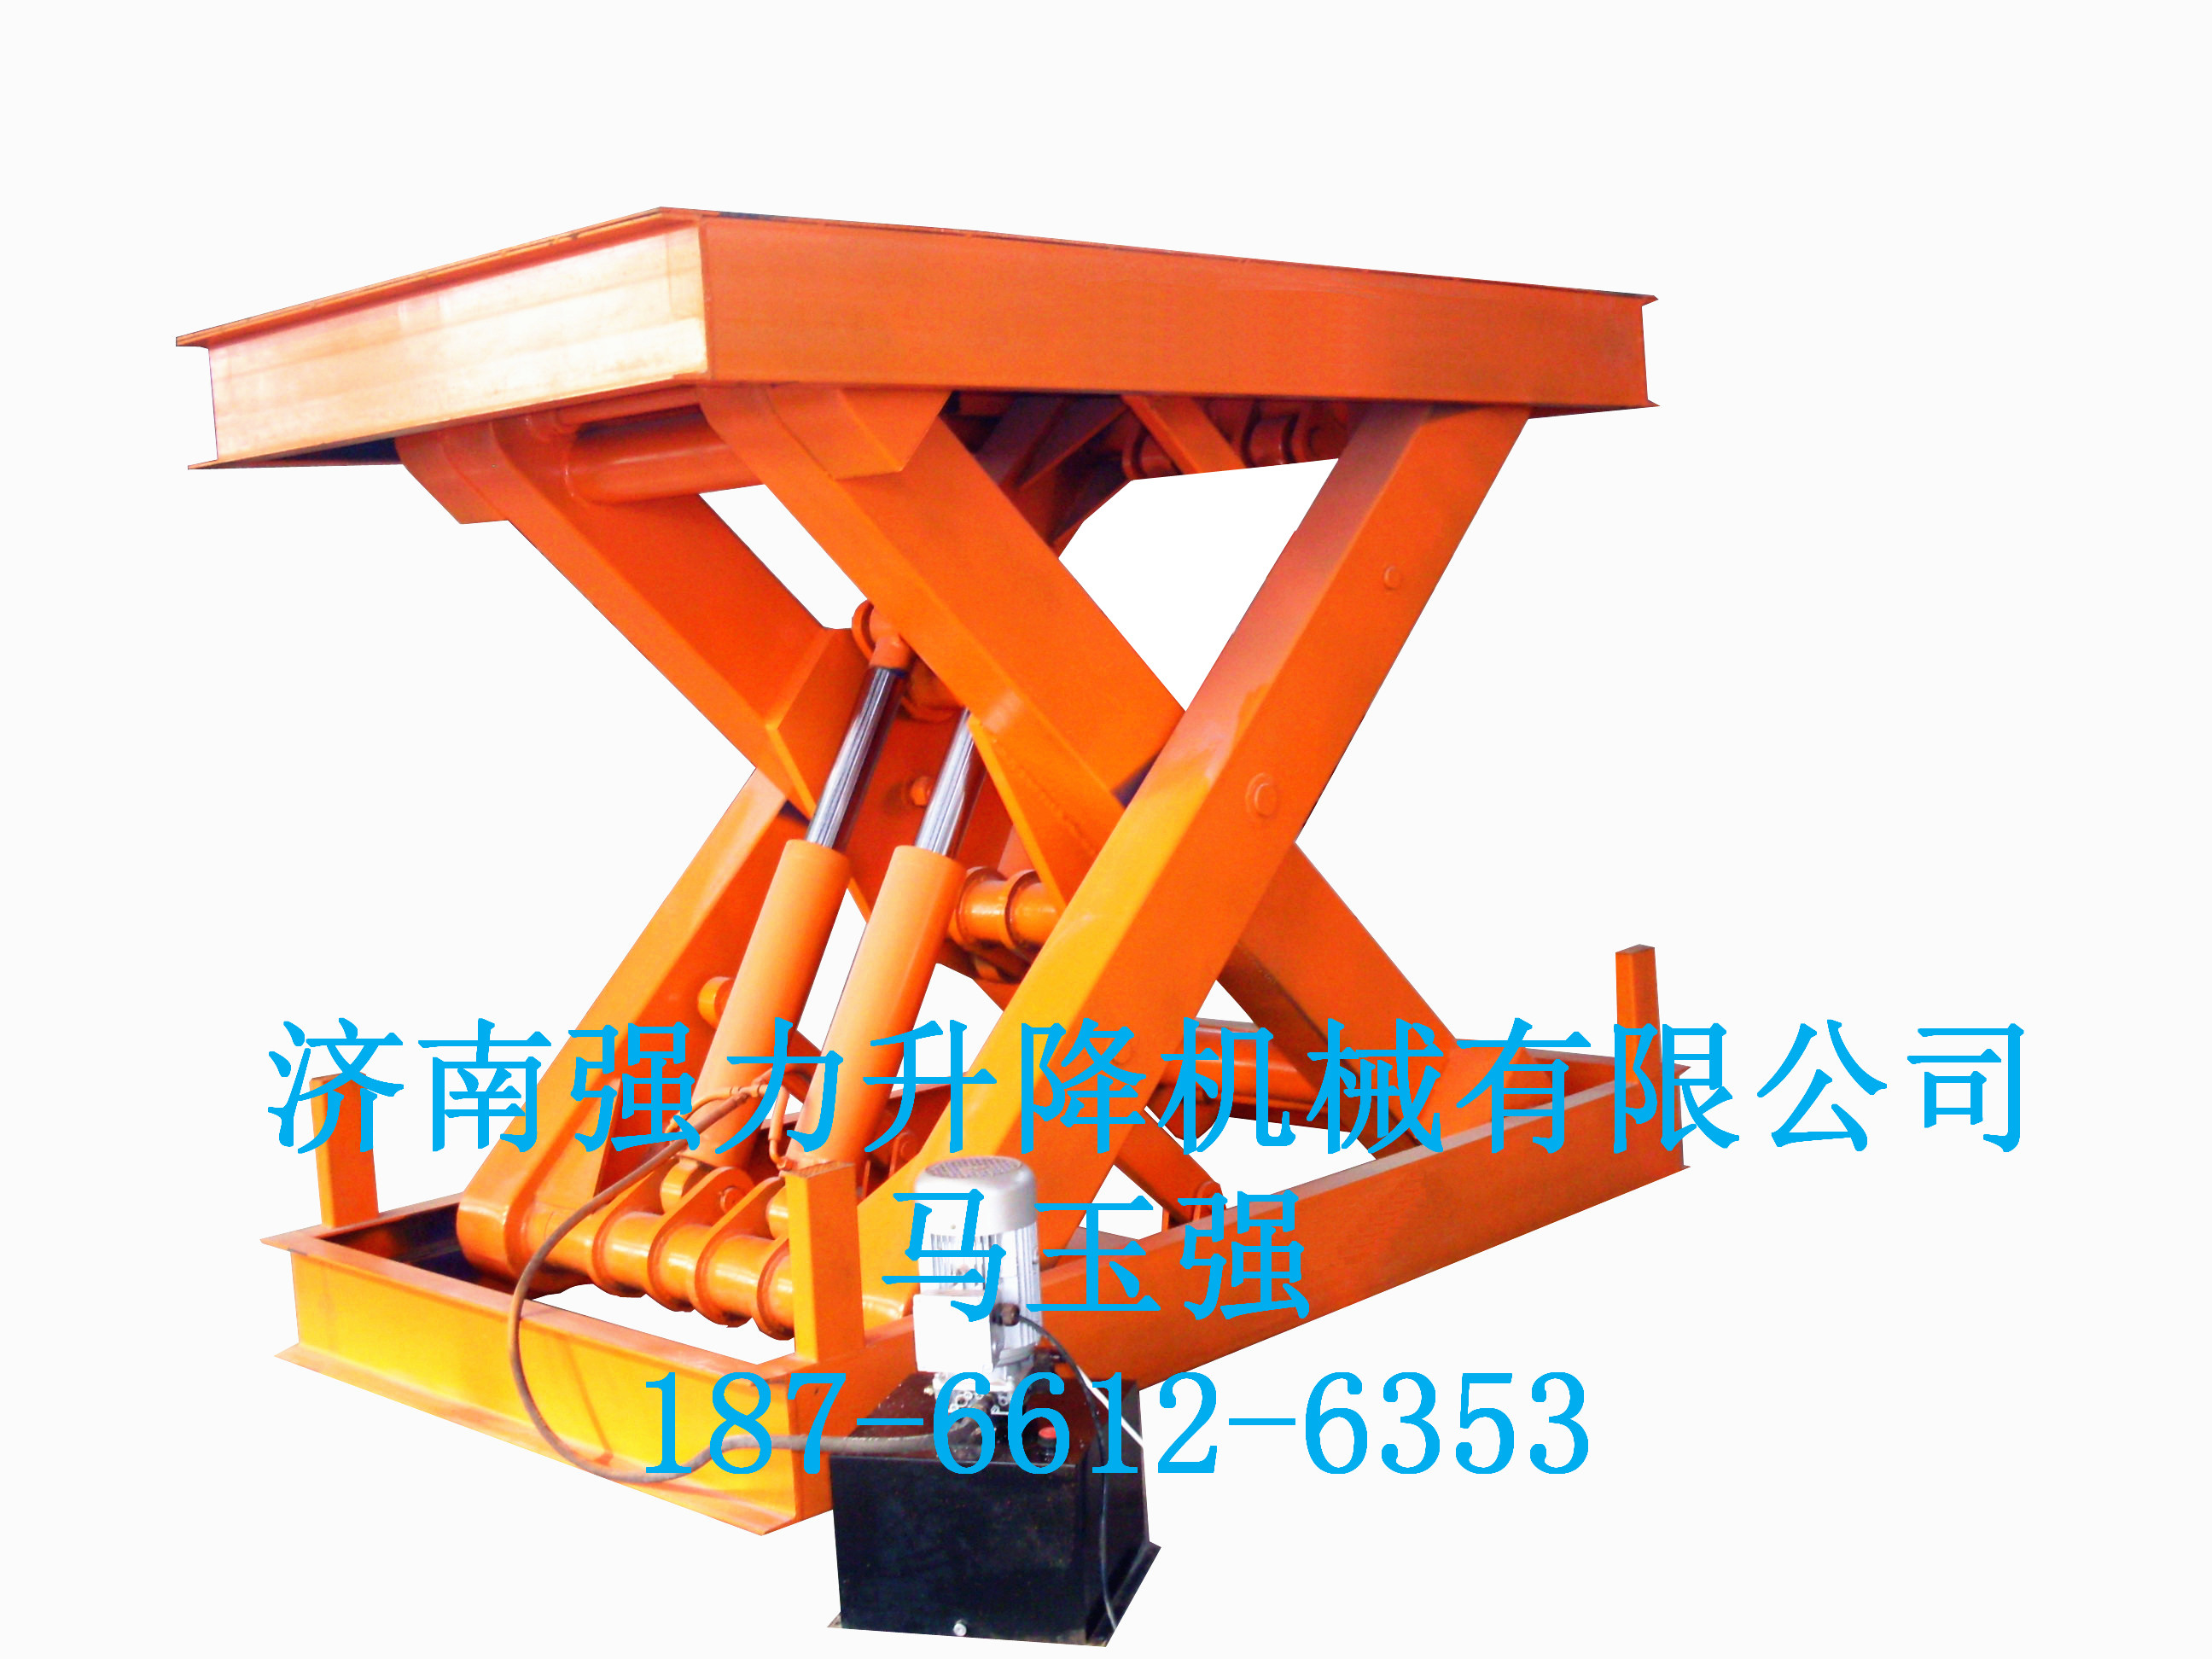 徐州固定式升降机 固定剪叉式升降机 升降平台 液压升降机【强力机械